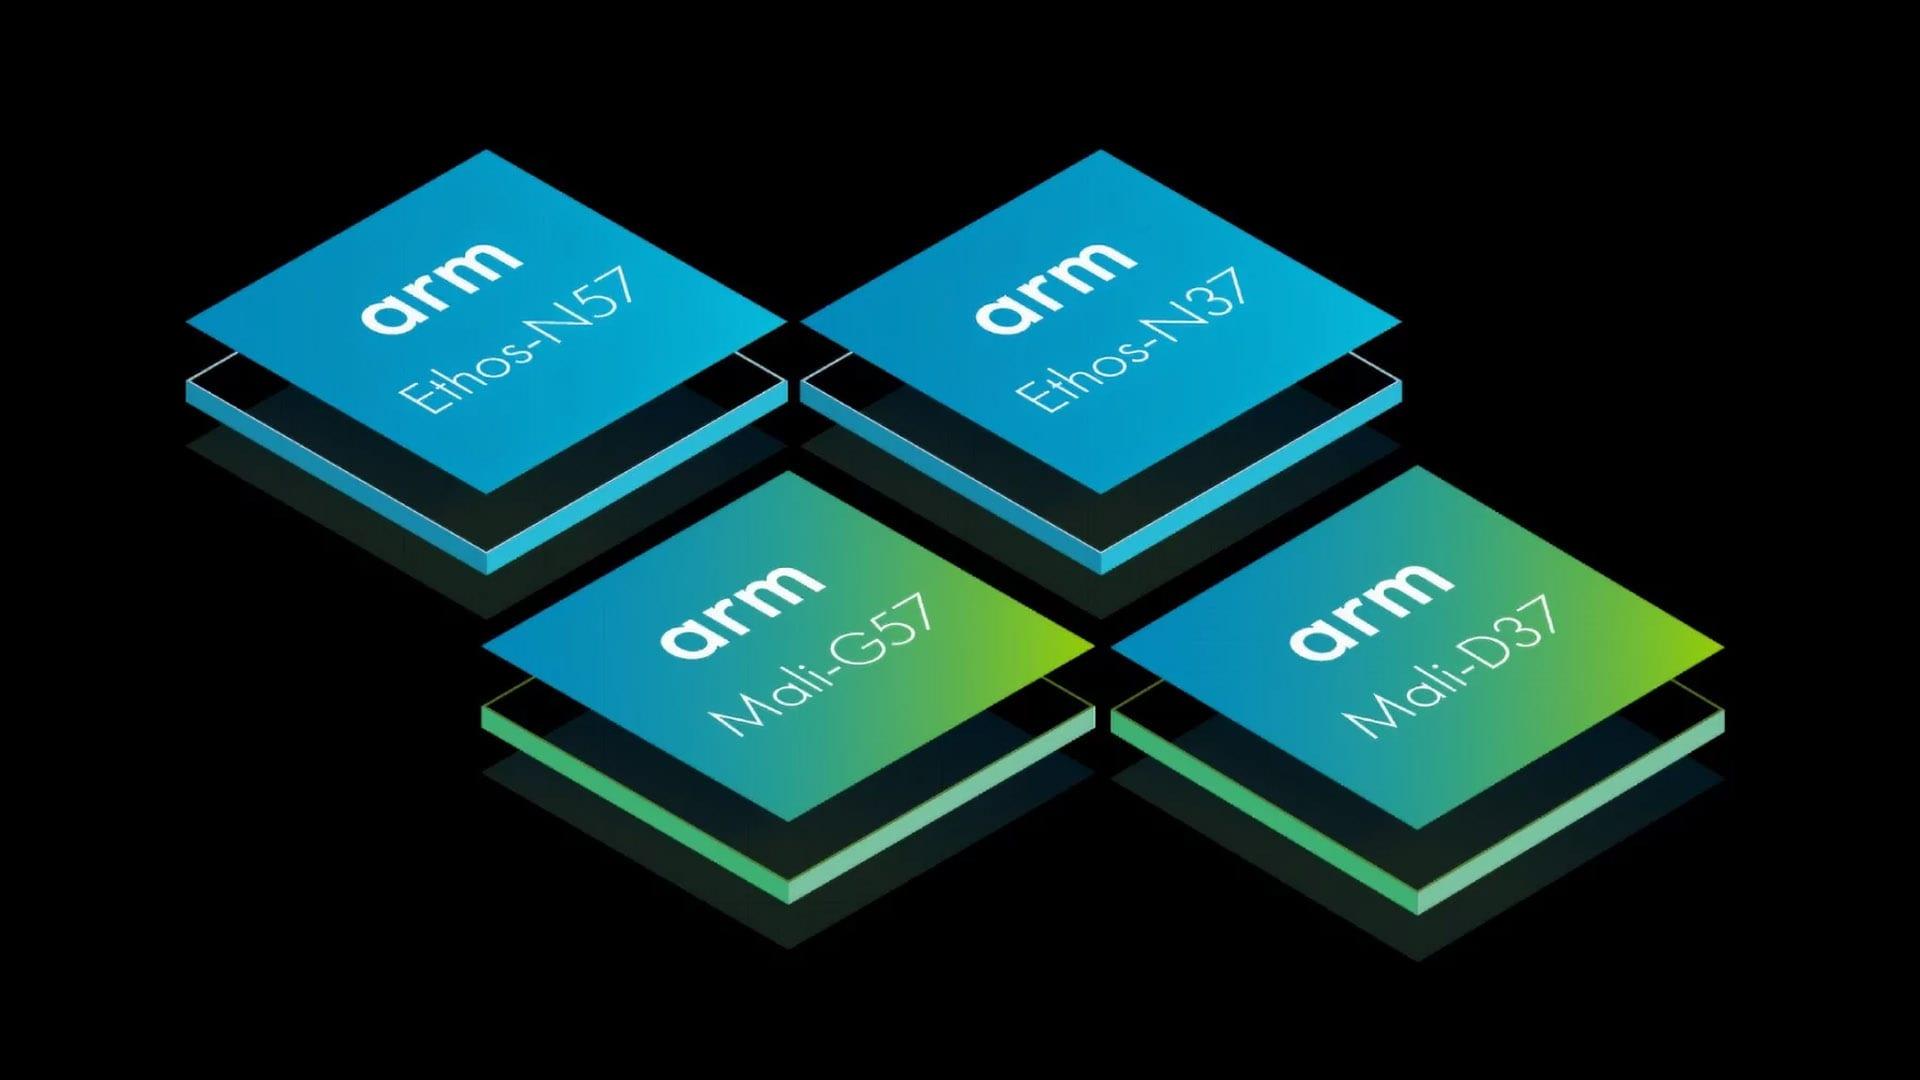 شركة ARM تعلن رسمياً عن أربع شرائح جديدة مميزة بآداء أعلى وبكفاءة ممتازة